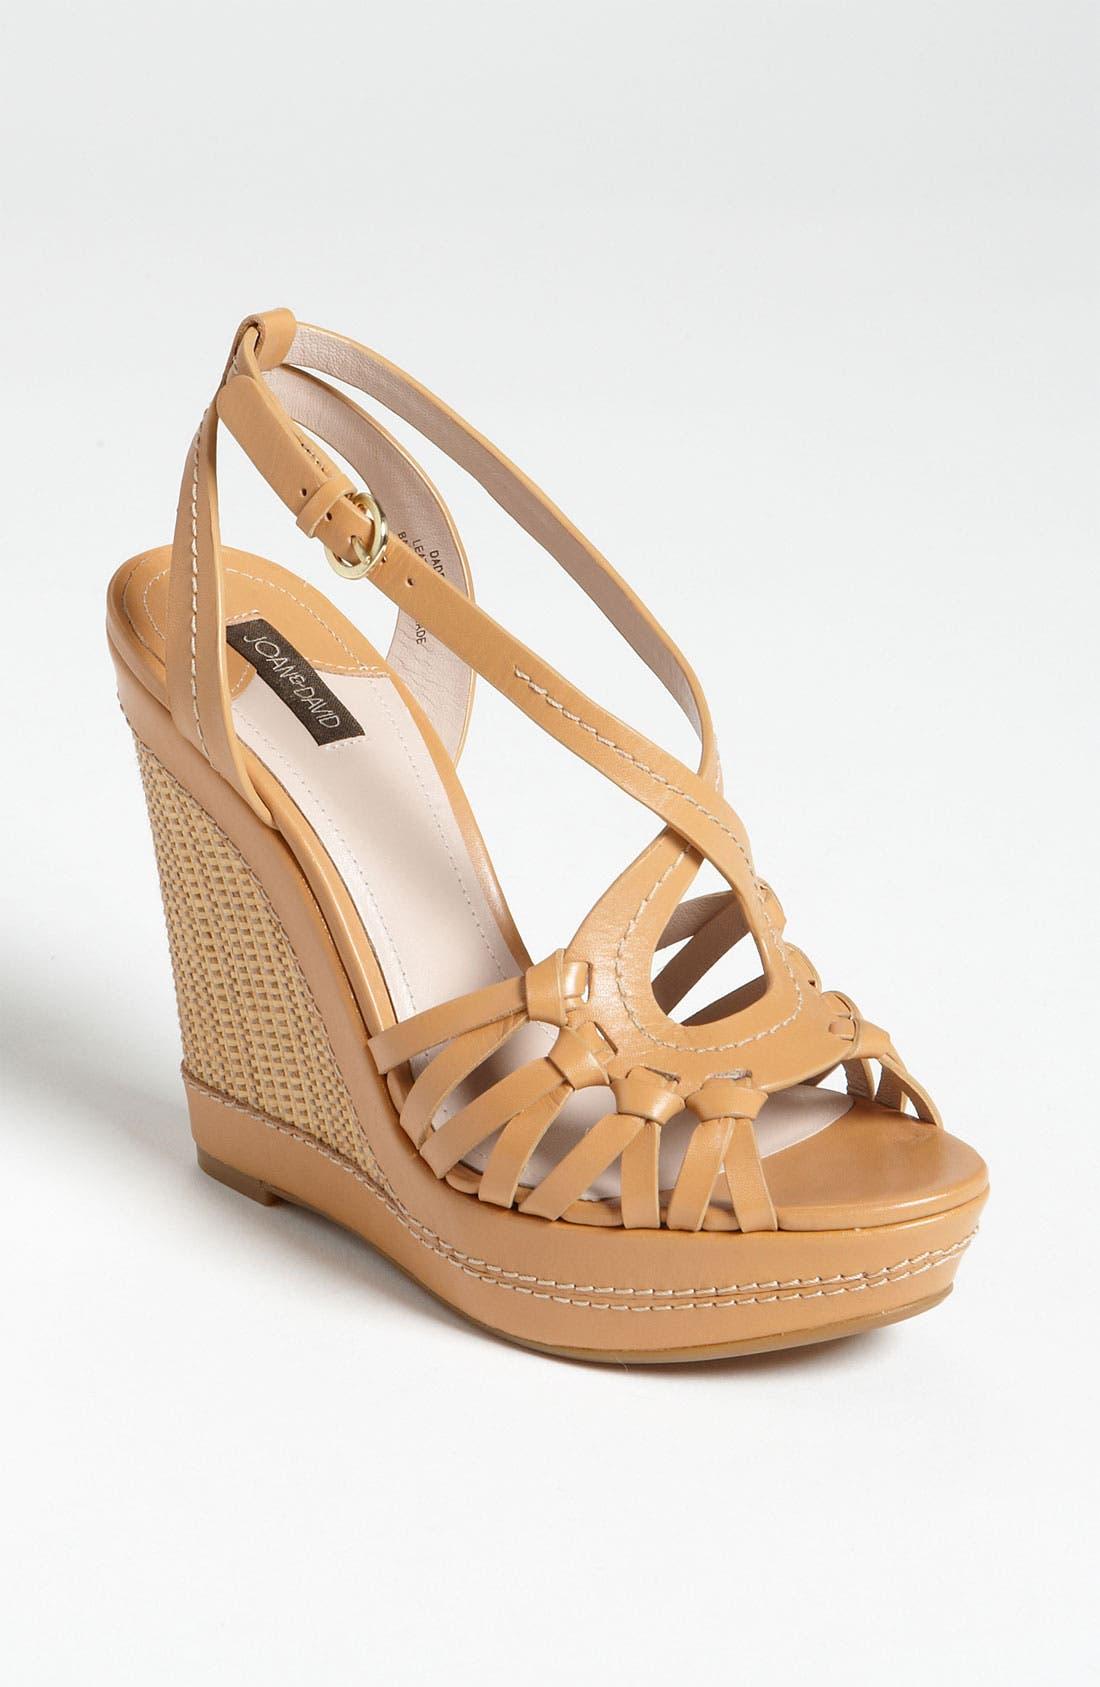 Main Image - Joan & David 'Dreena' Sandal